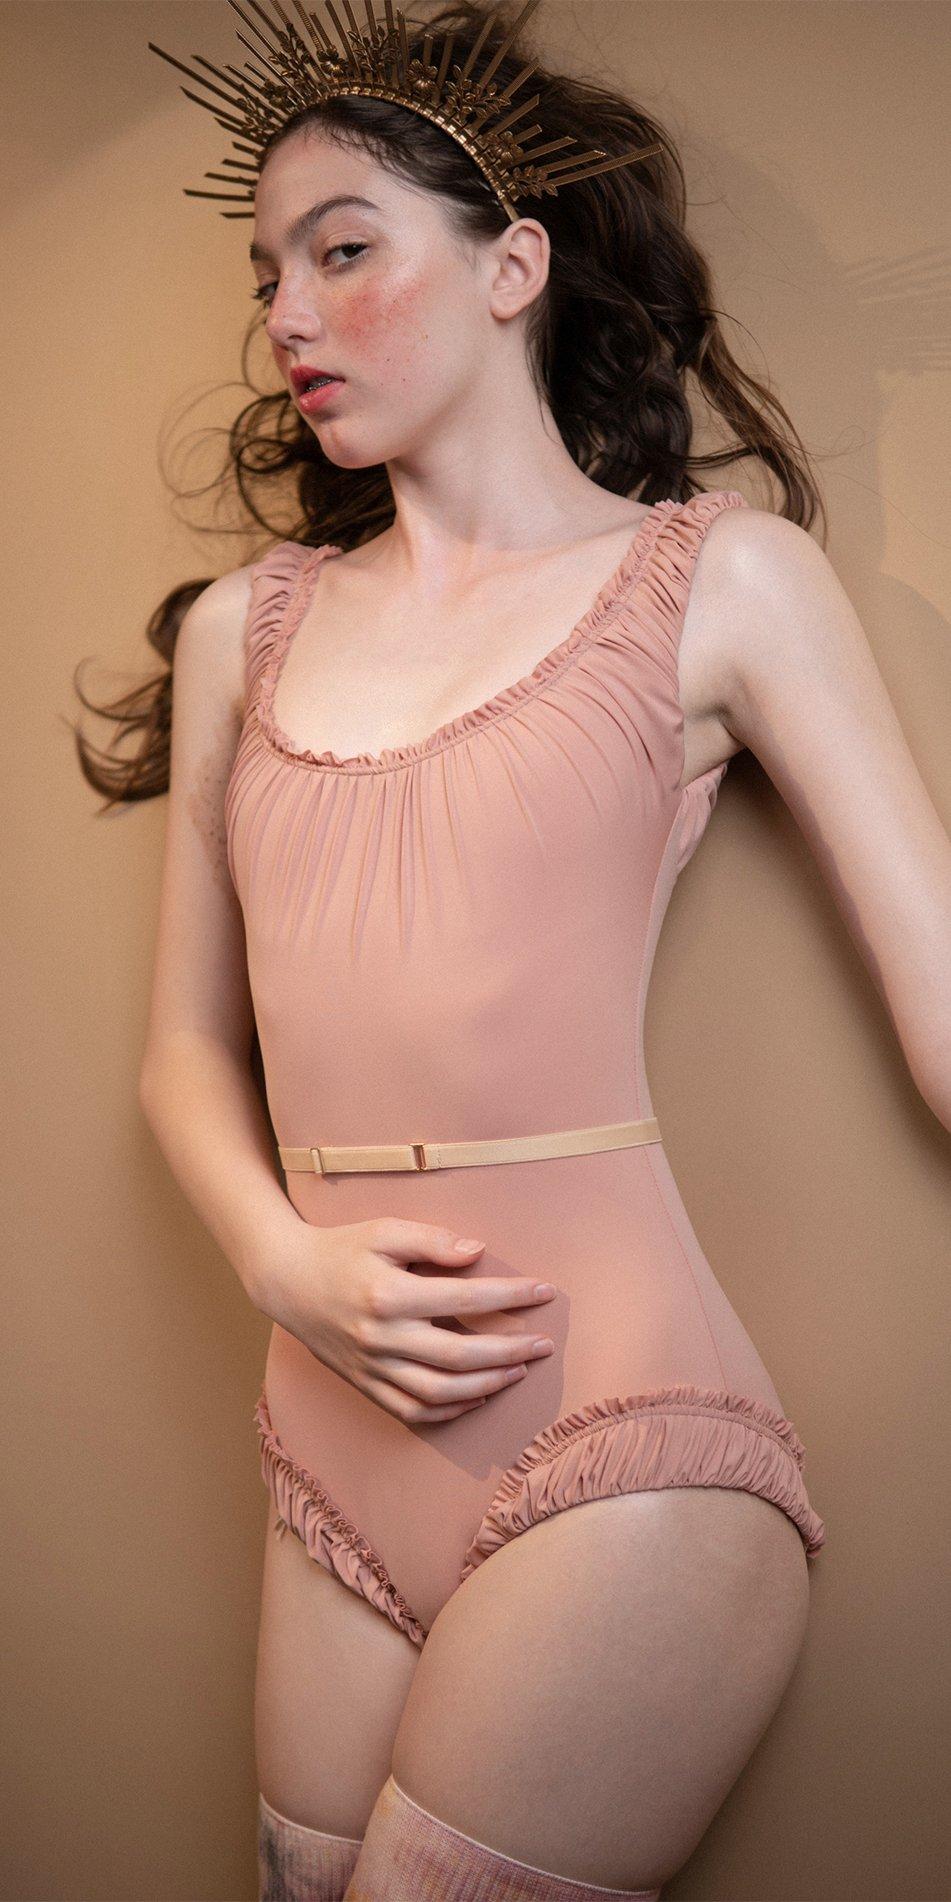 MAIDEN blush leotard with straps 3